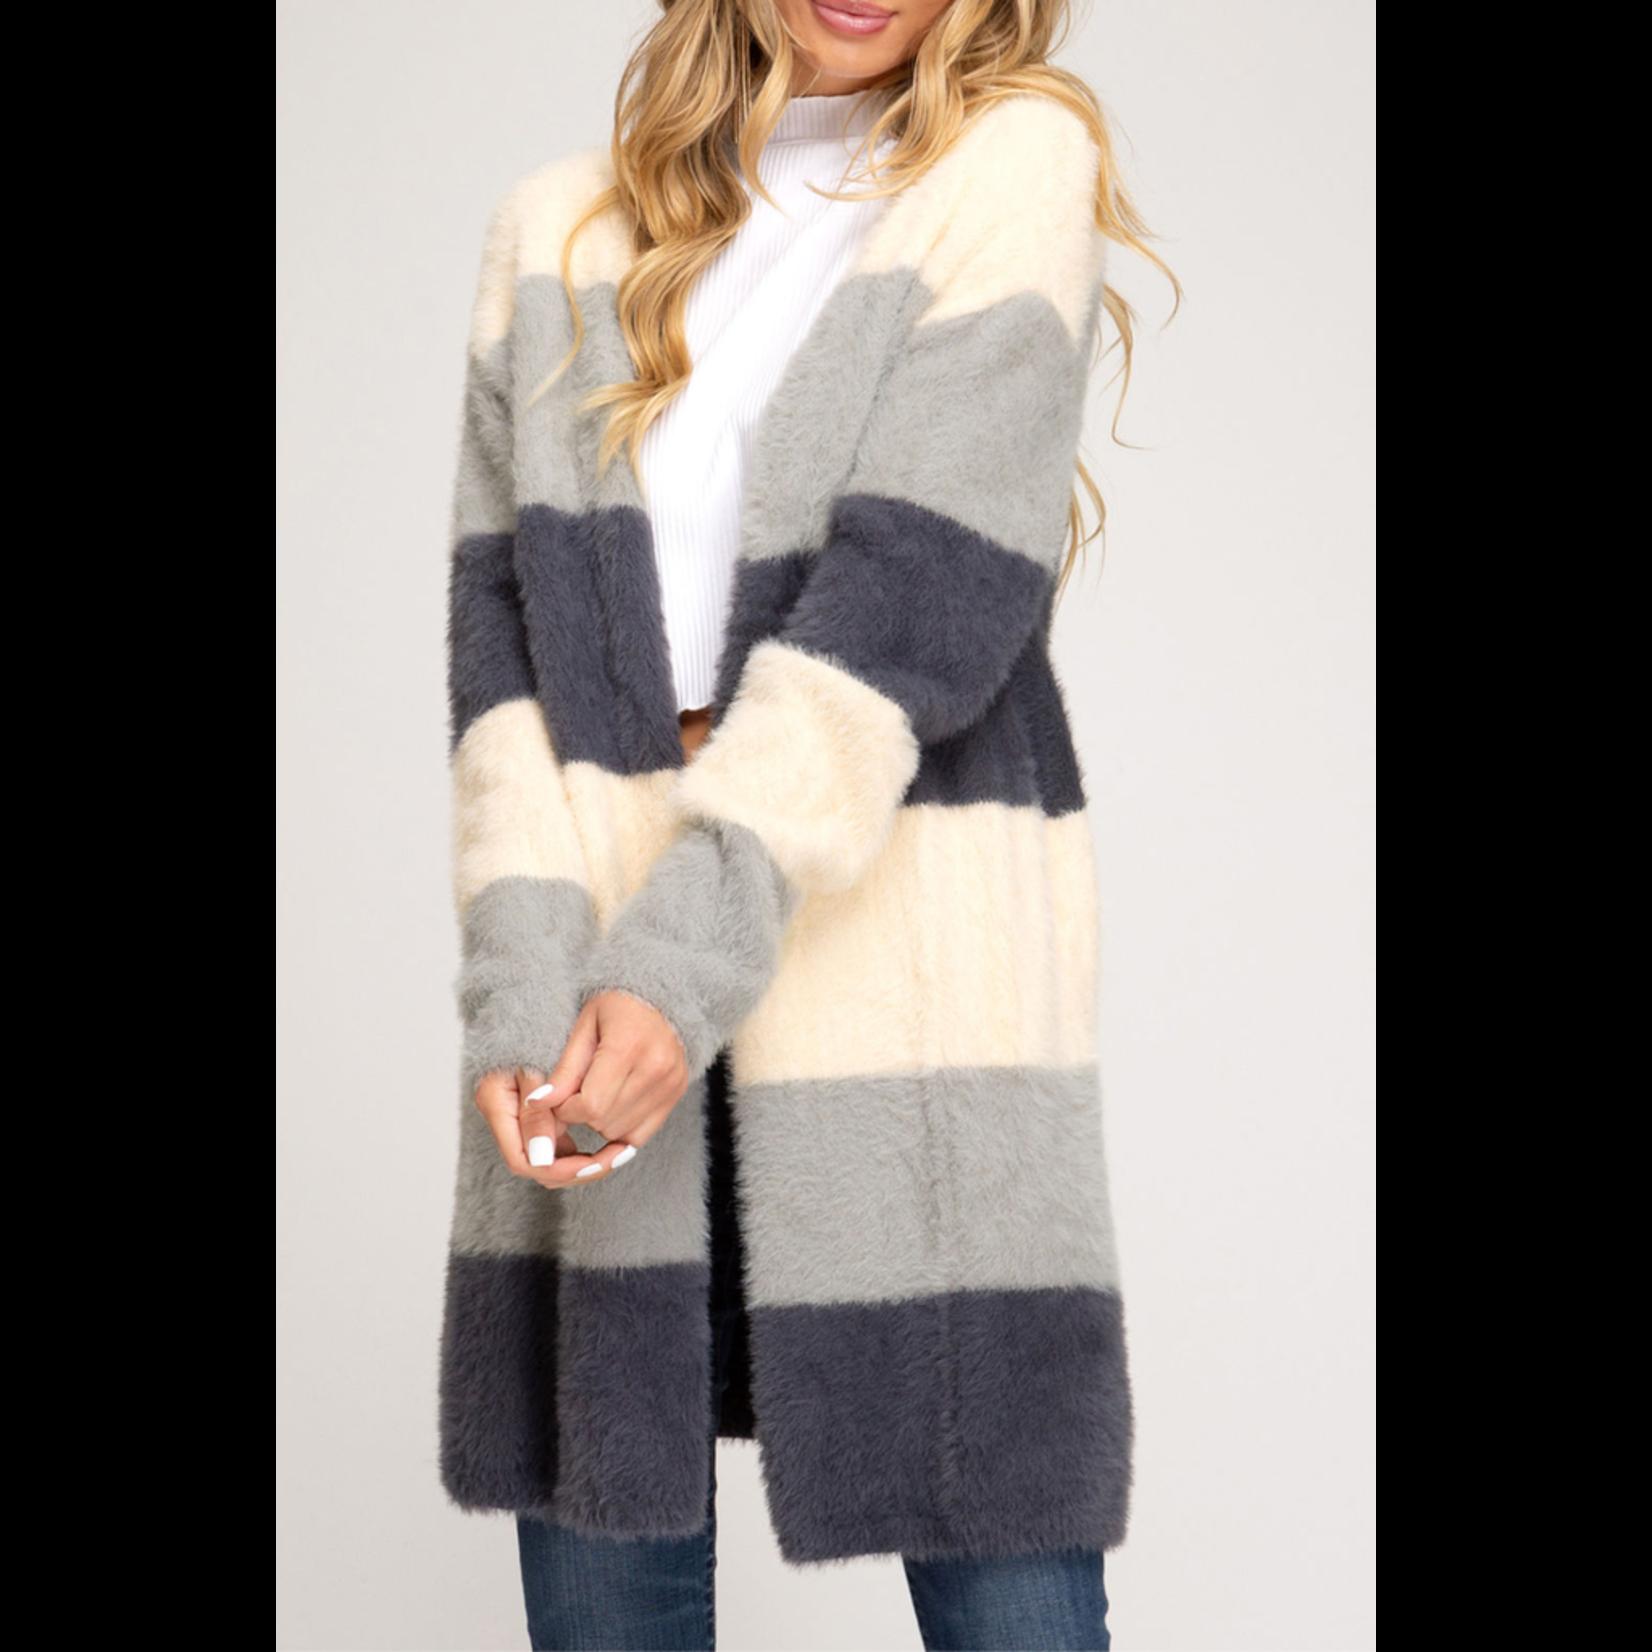 She & Sky Soft Fuzzy Cardigan